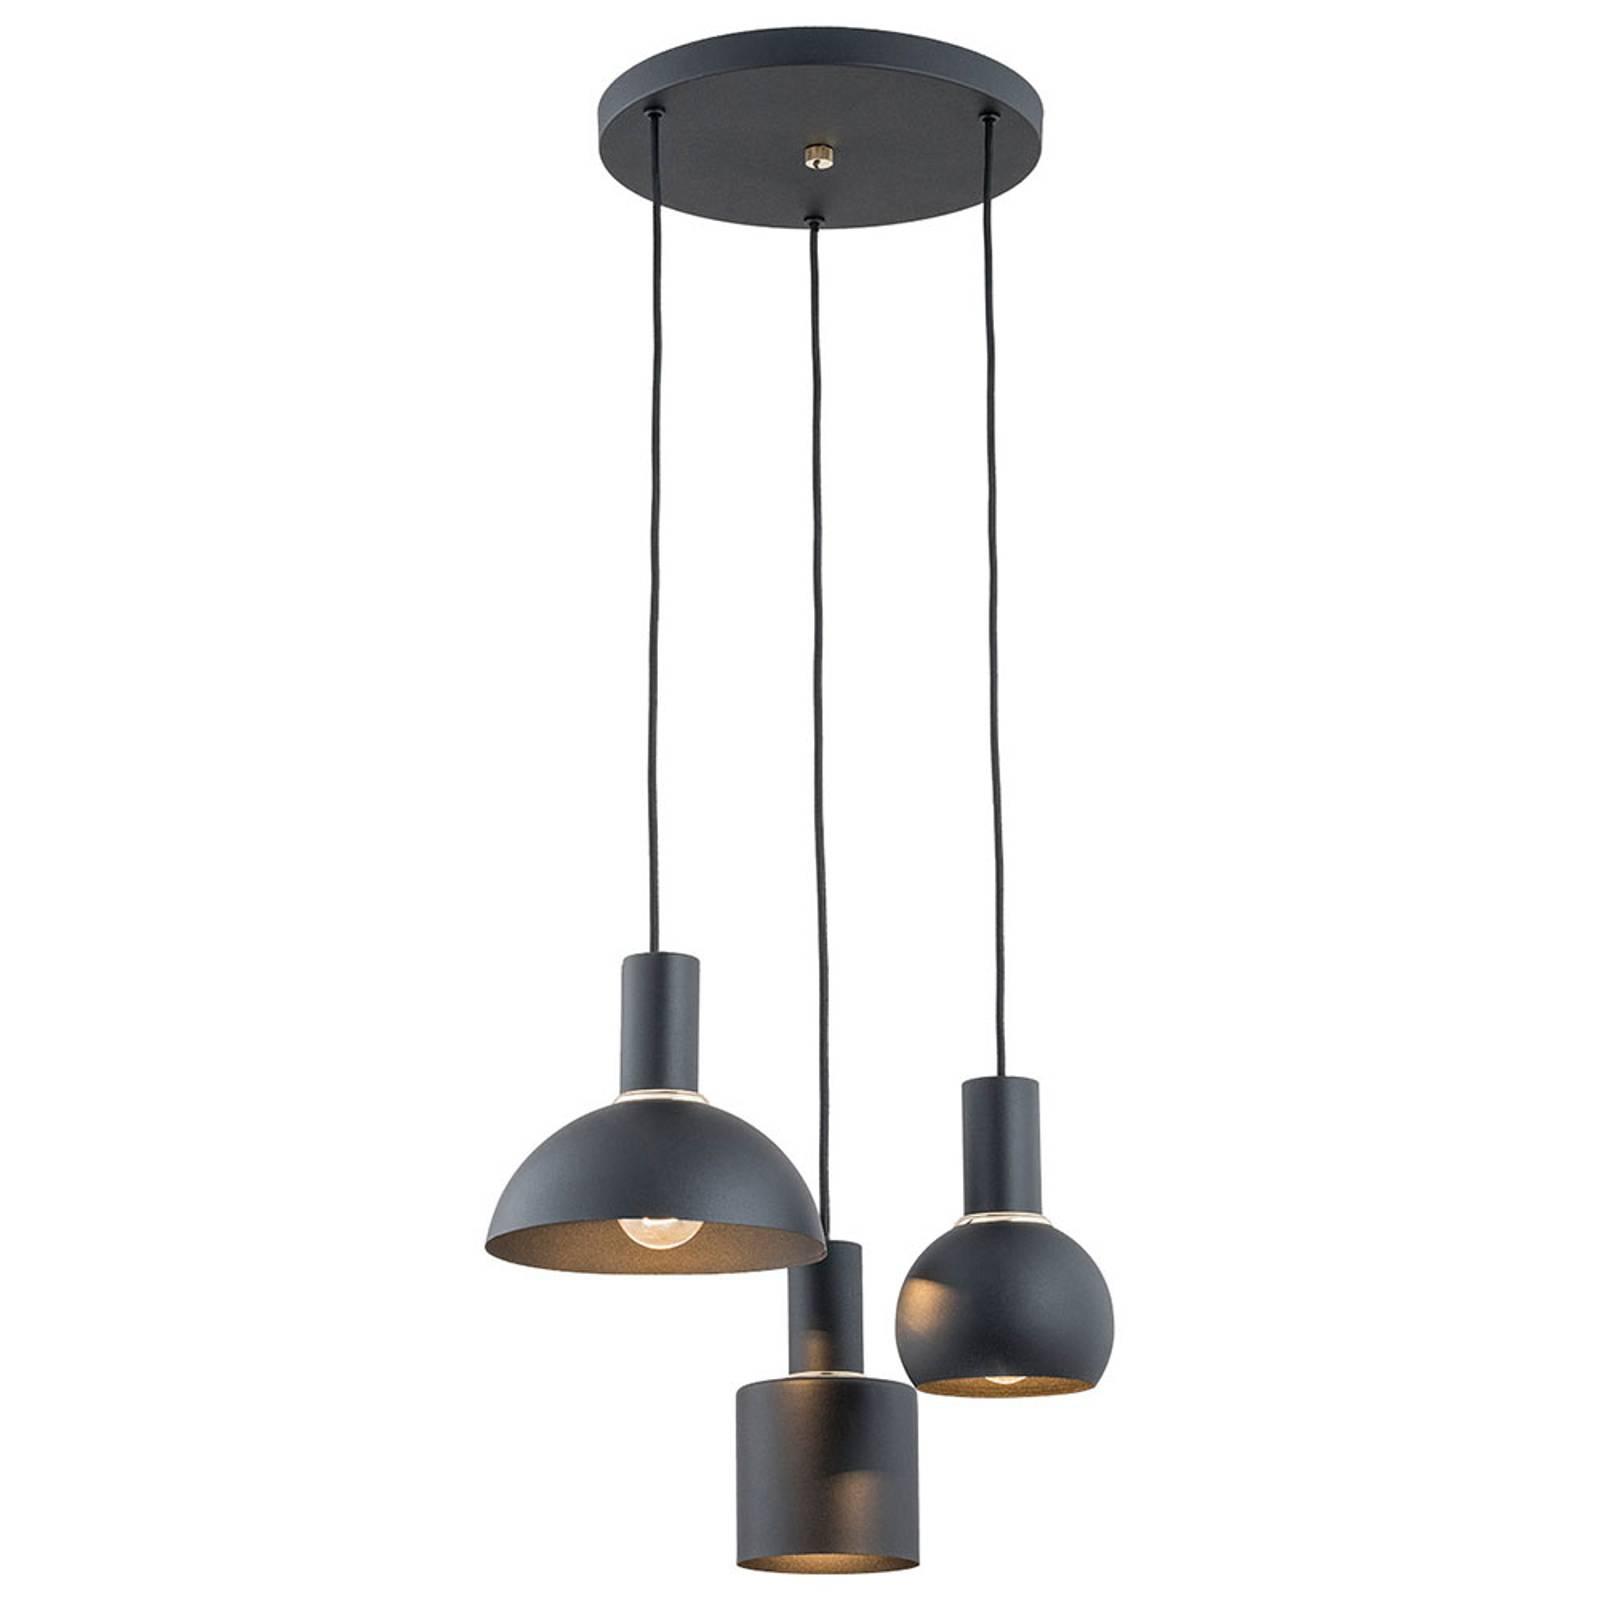 Riippuvalo Selma, 3-lamppuinen, musta